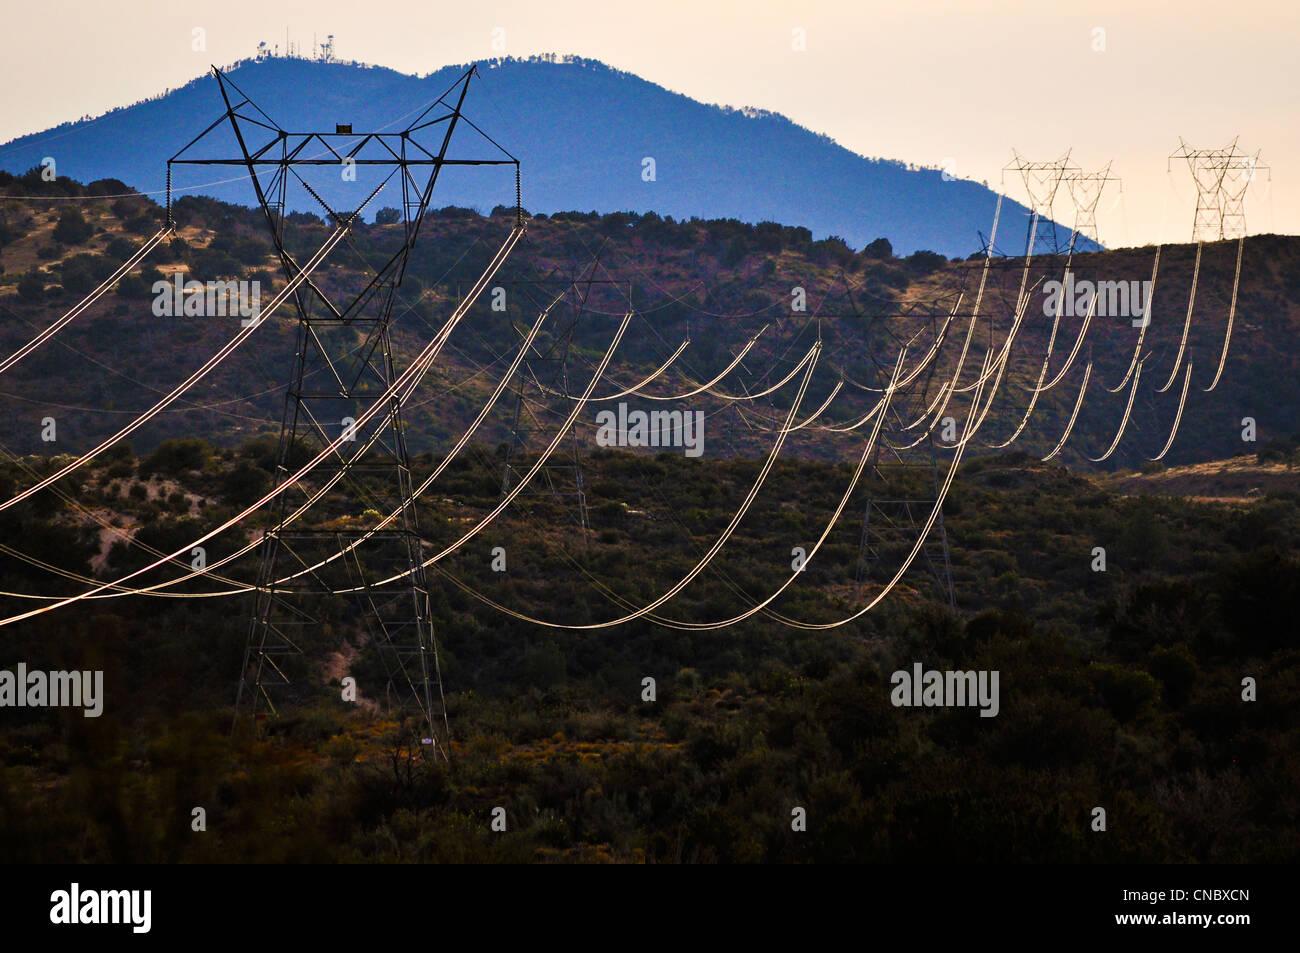 reflektierende Stromleitungen in Arizona Wüstenlandschaft Stockbild